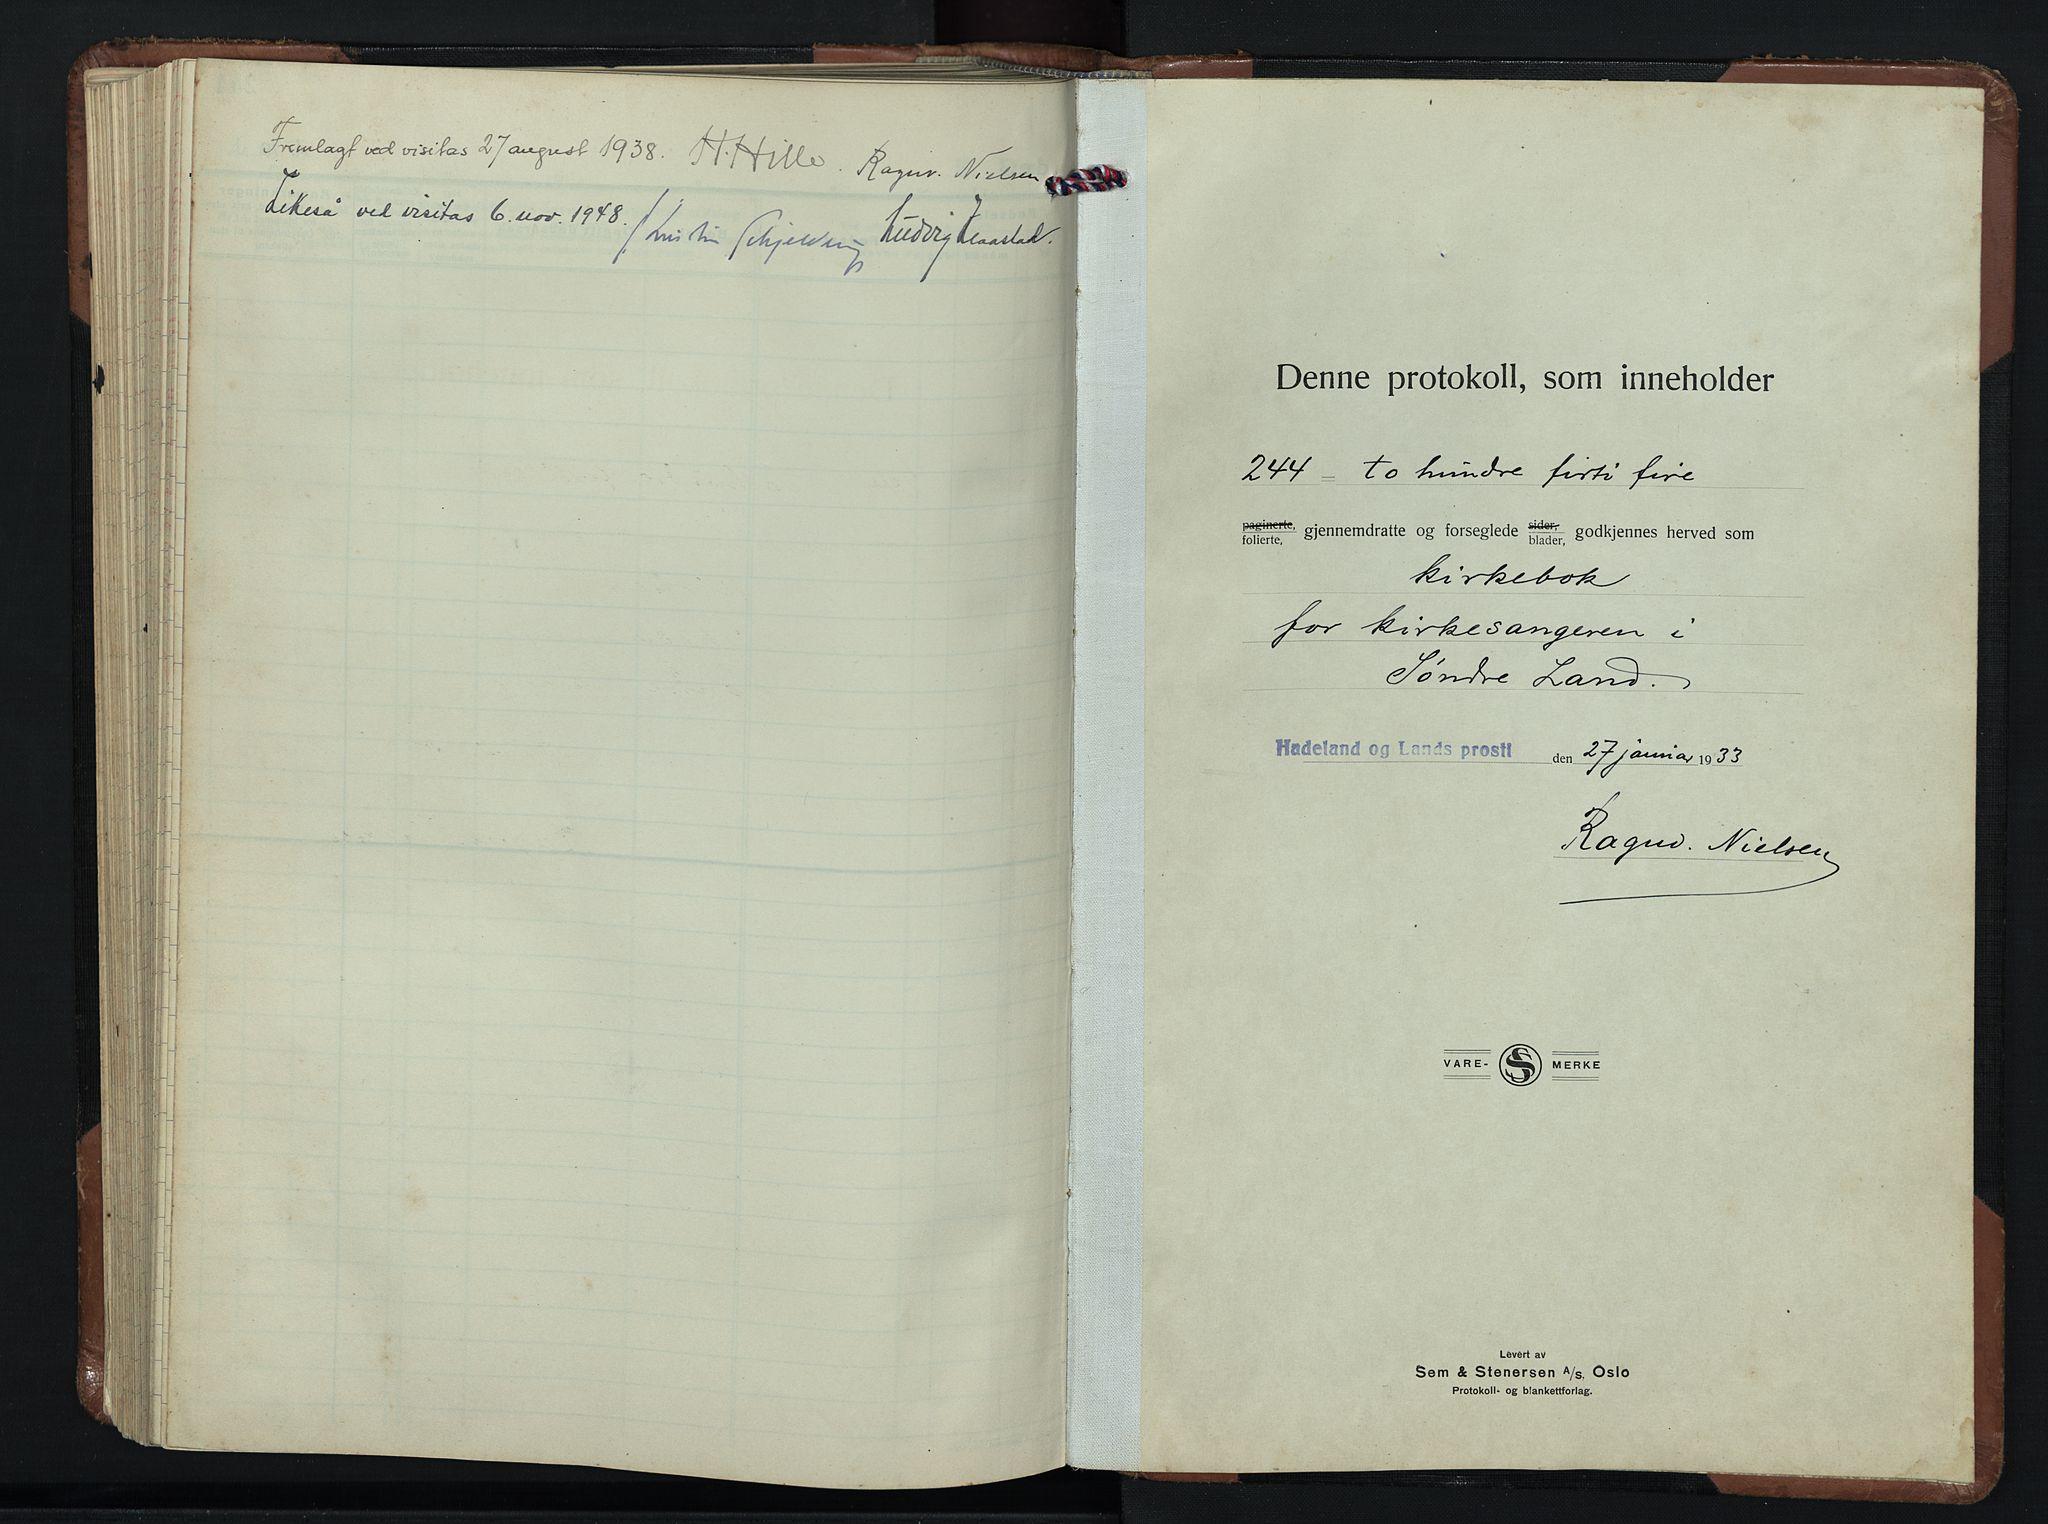 SAH, Søndre Land prestekontor, L/L0009: Klokkerbok nr. 9, 1933-1954